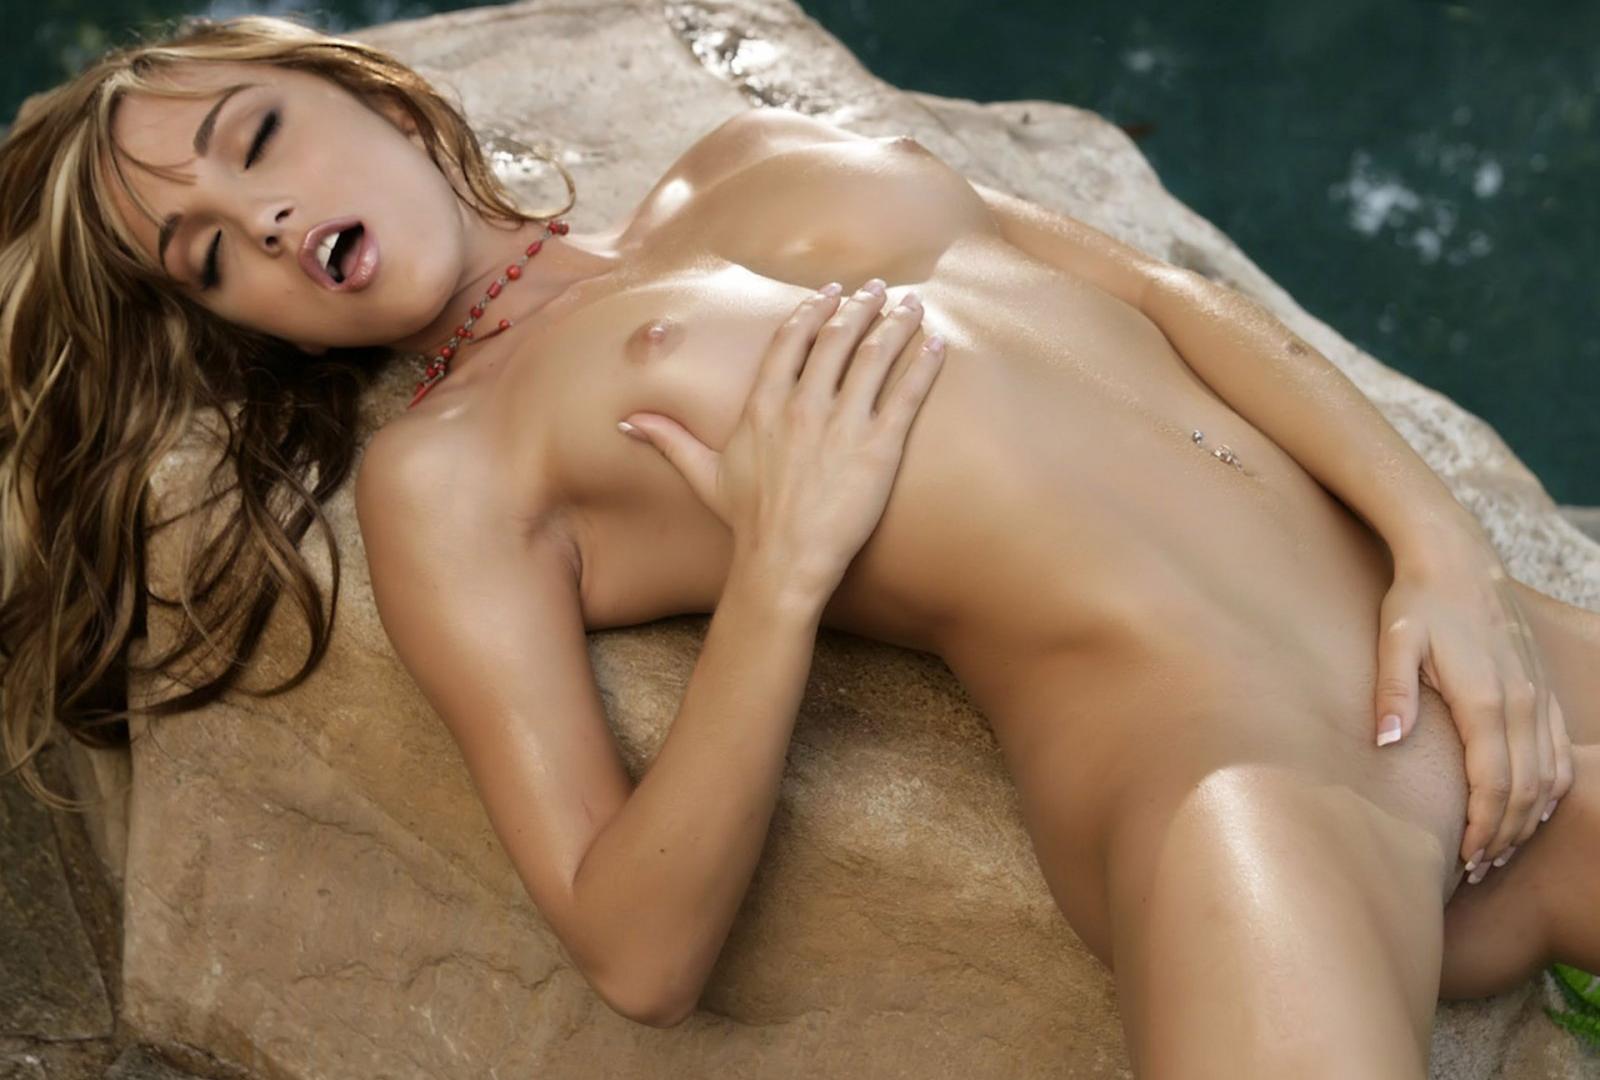 Consider, Fingering nude boobs in bikini